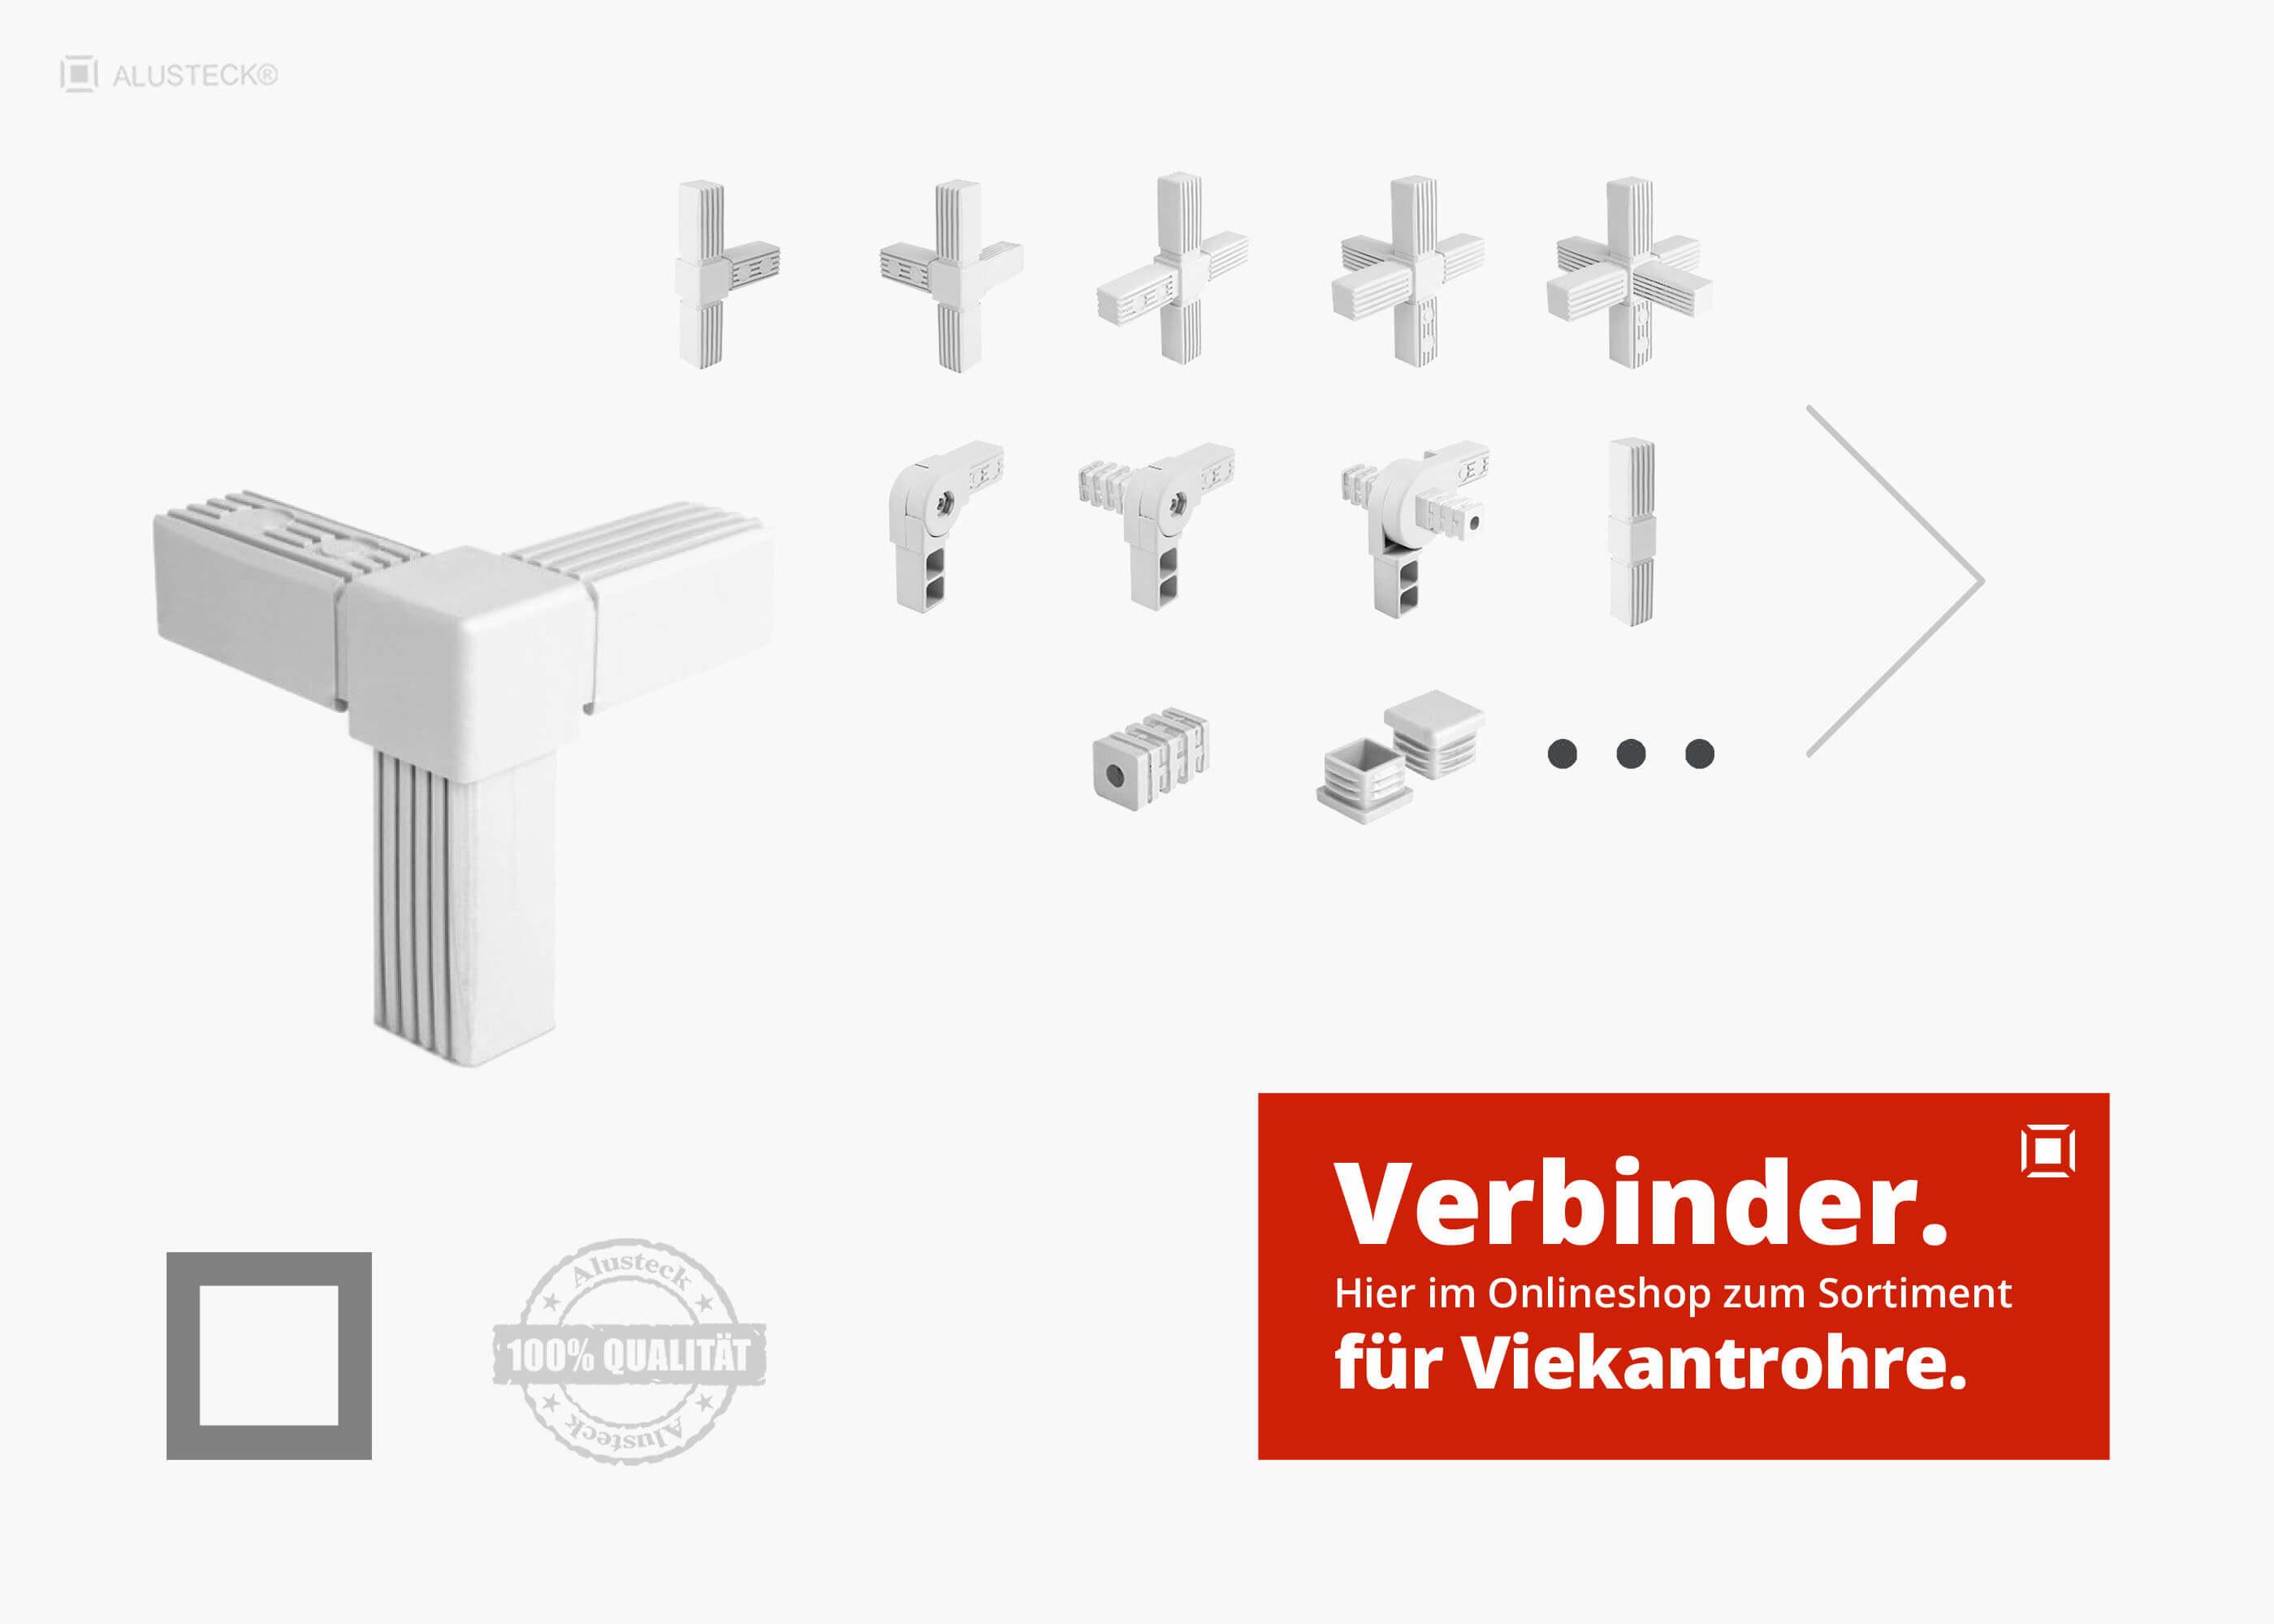 Kunststoff 20x20 VIERKANT ROHR T-STÜCK Verbinder steck